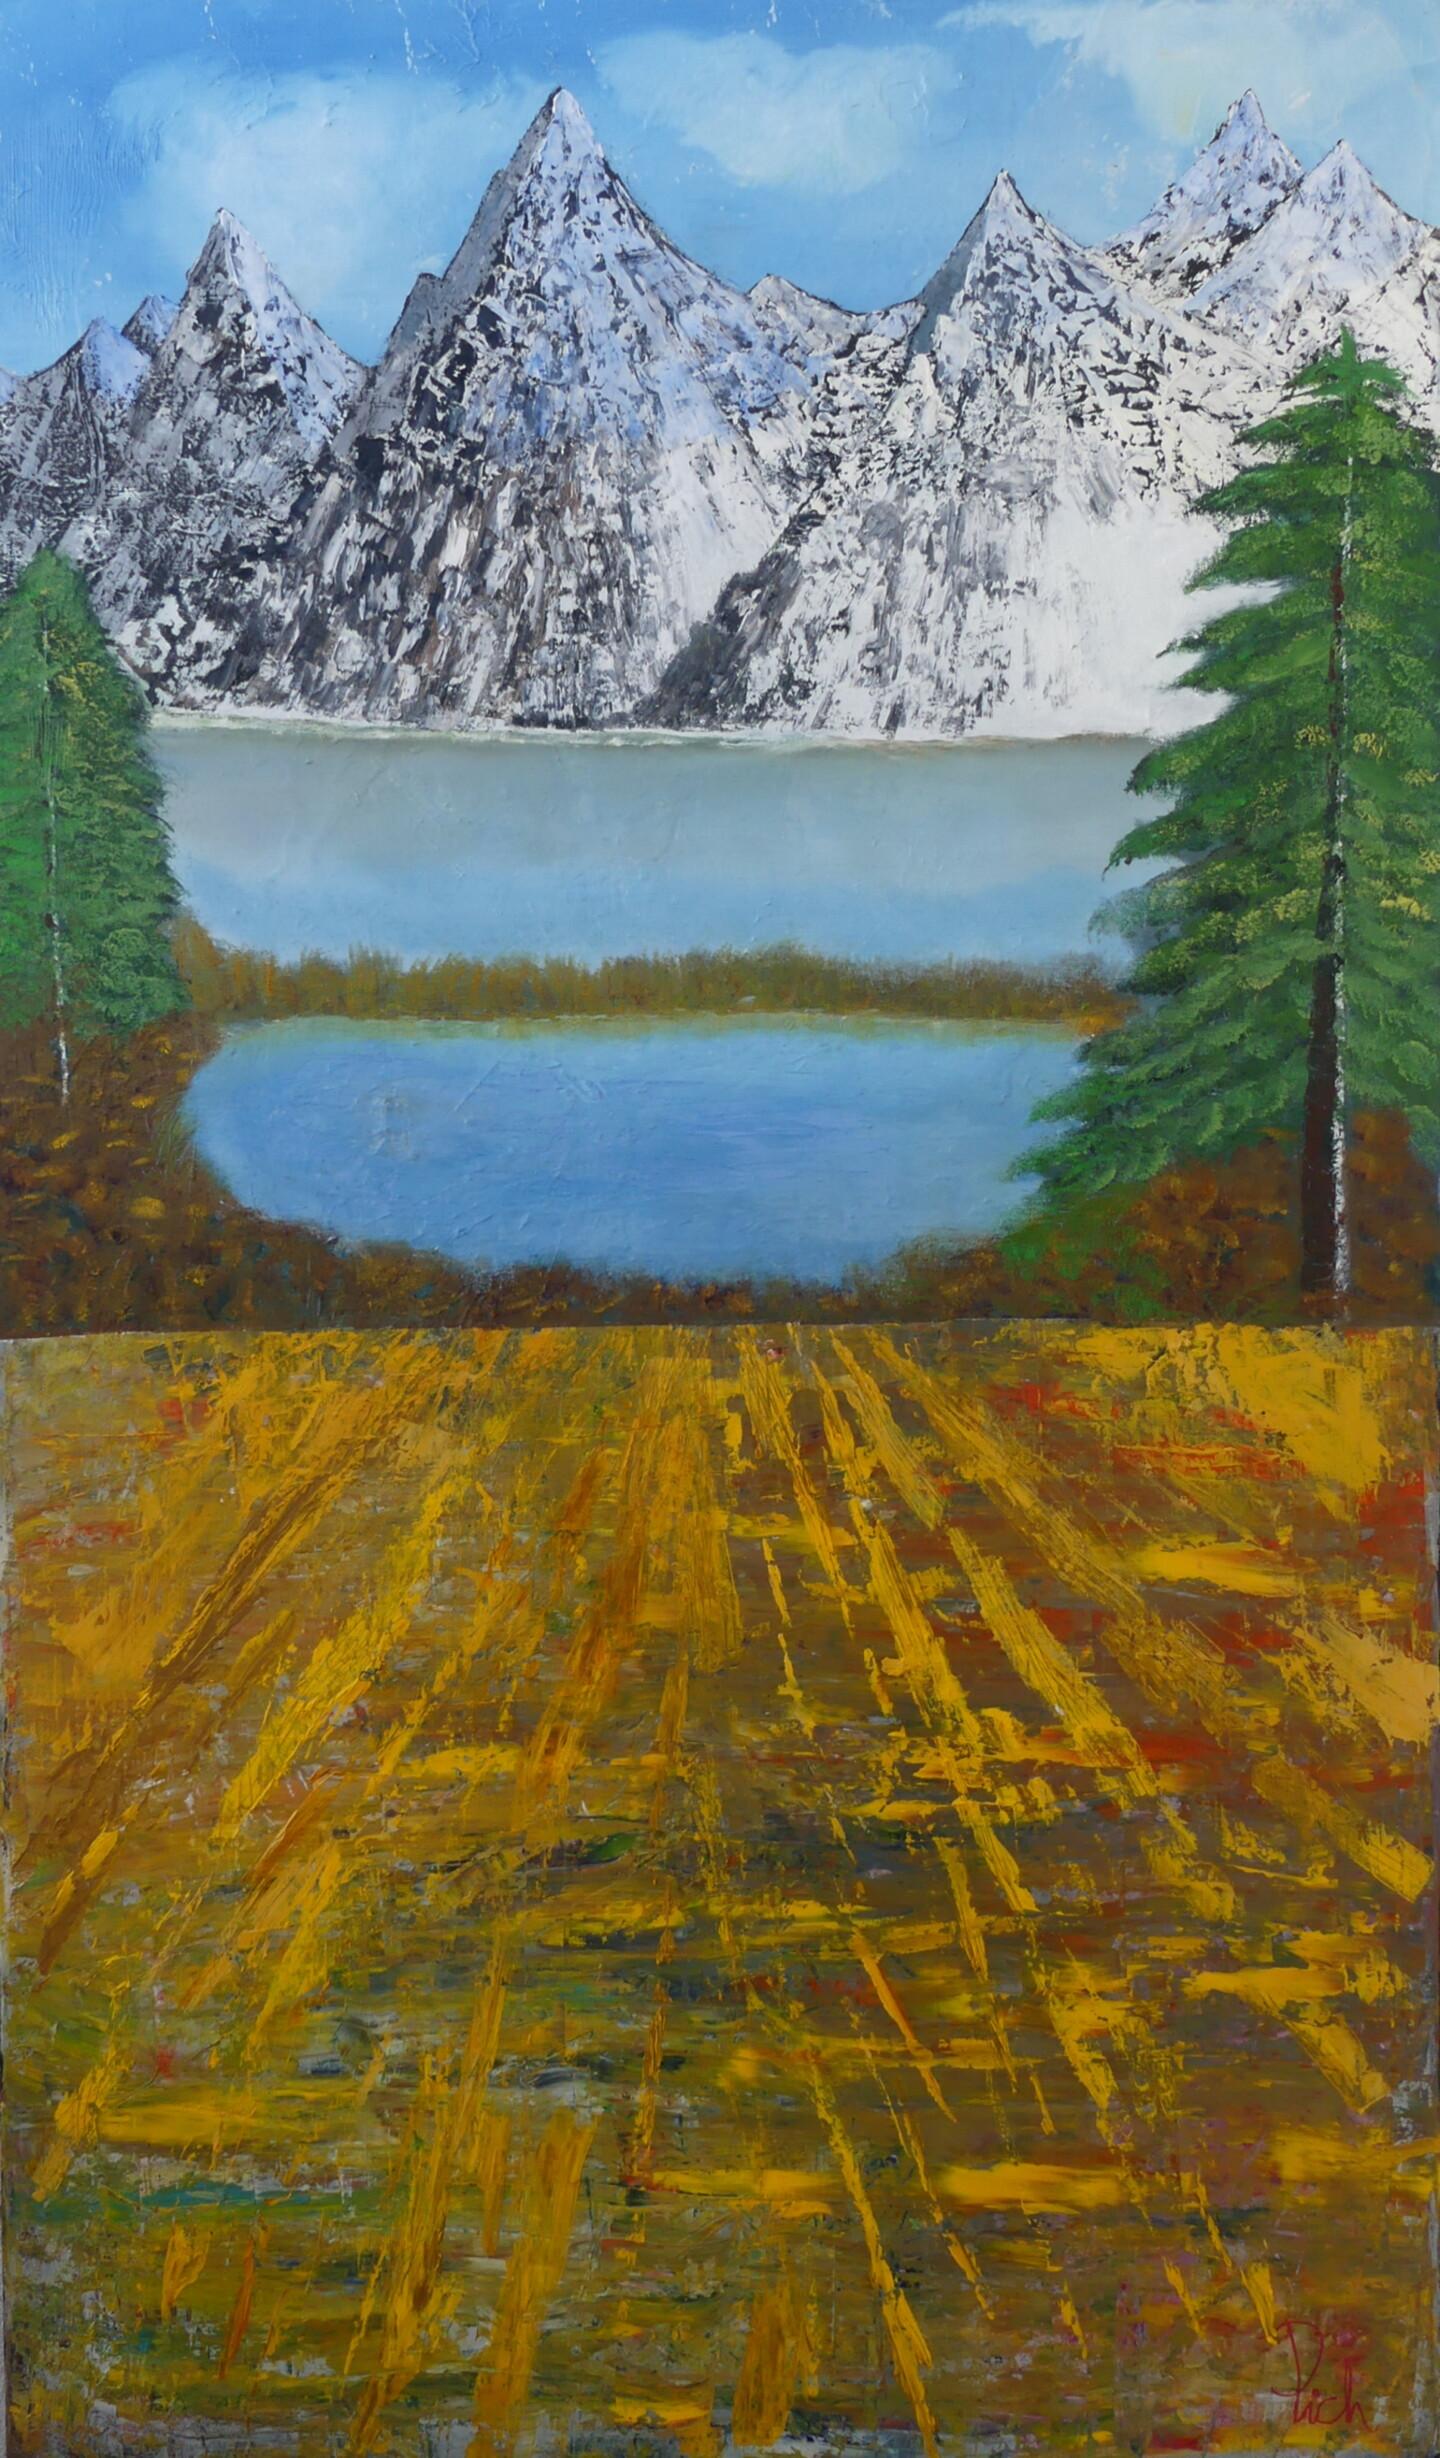 Pich - The blue mountain - La montagne bleue